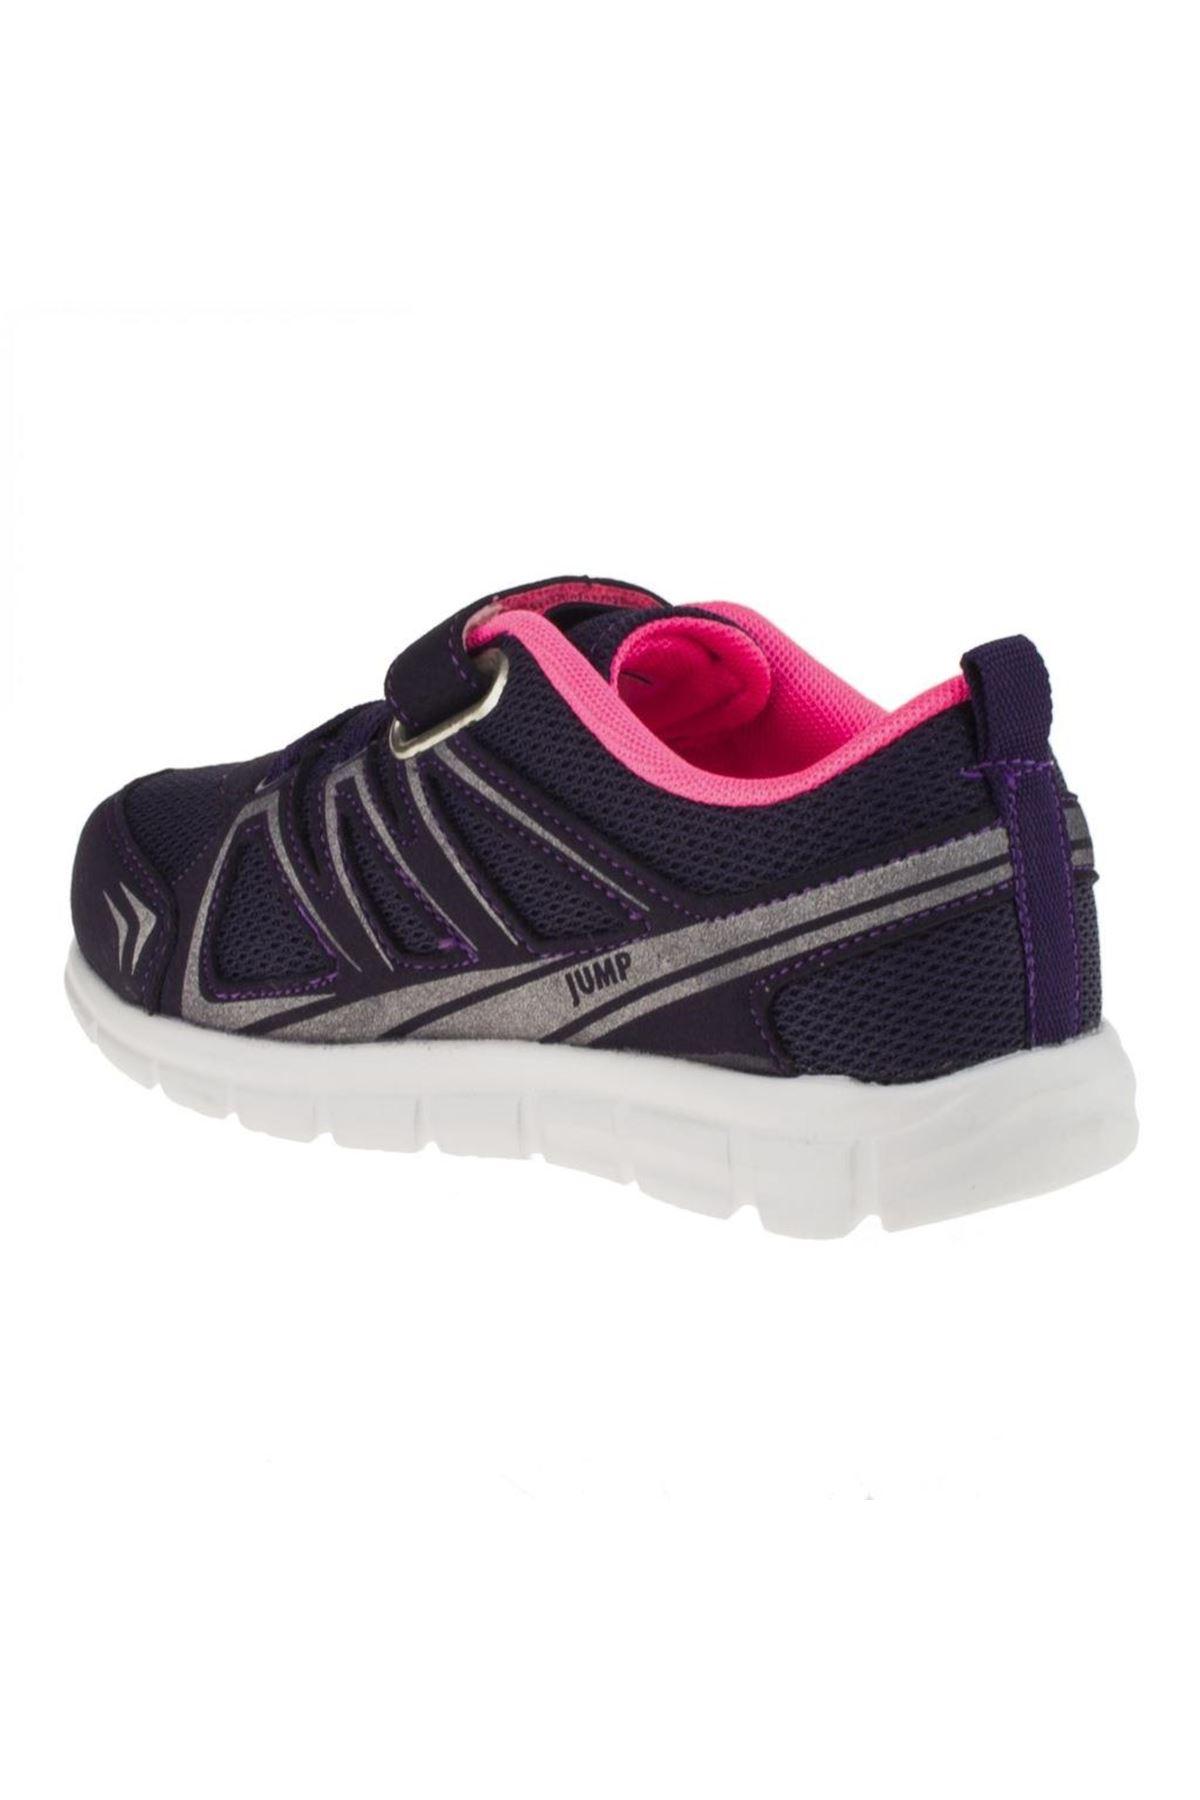 Jump Anatomik Kız Çocuk Spor Ayakkabı